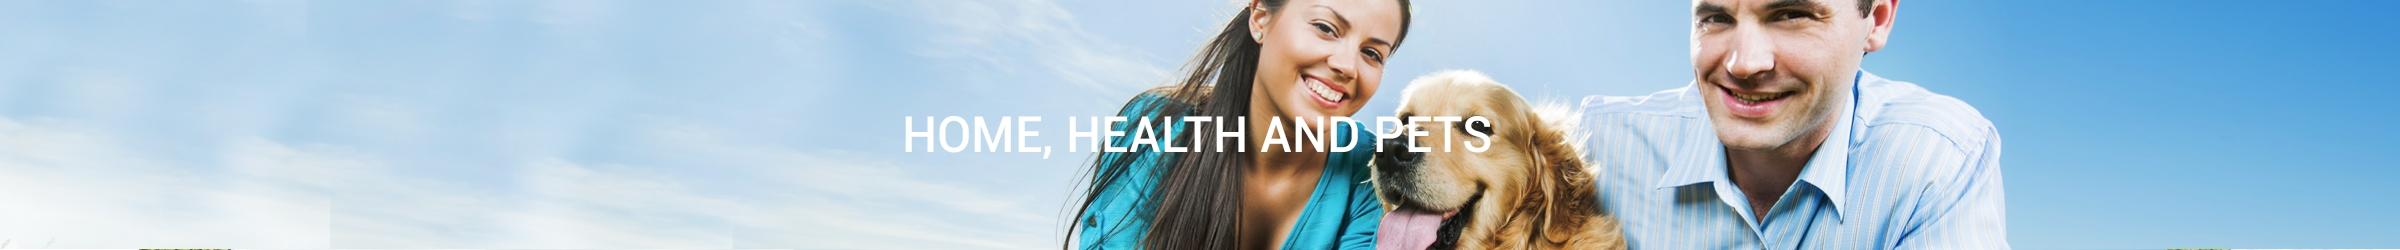 Home, Health & Pets